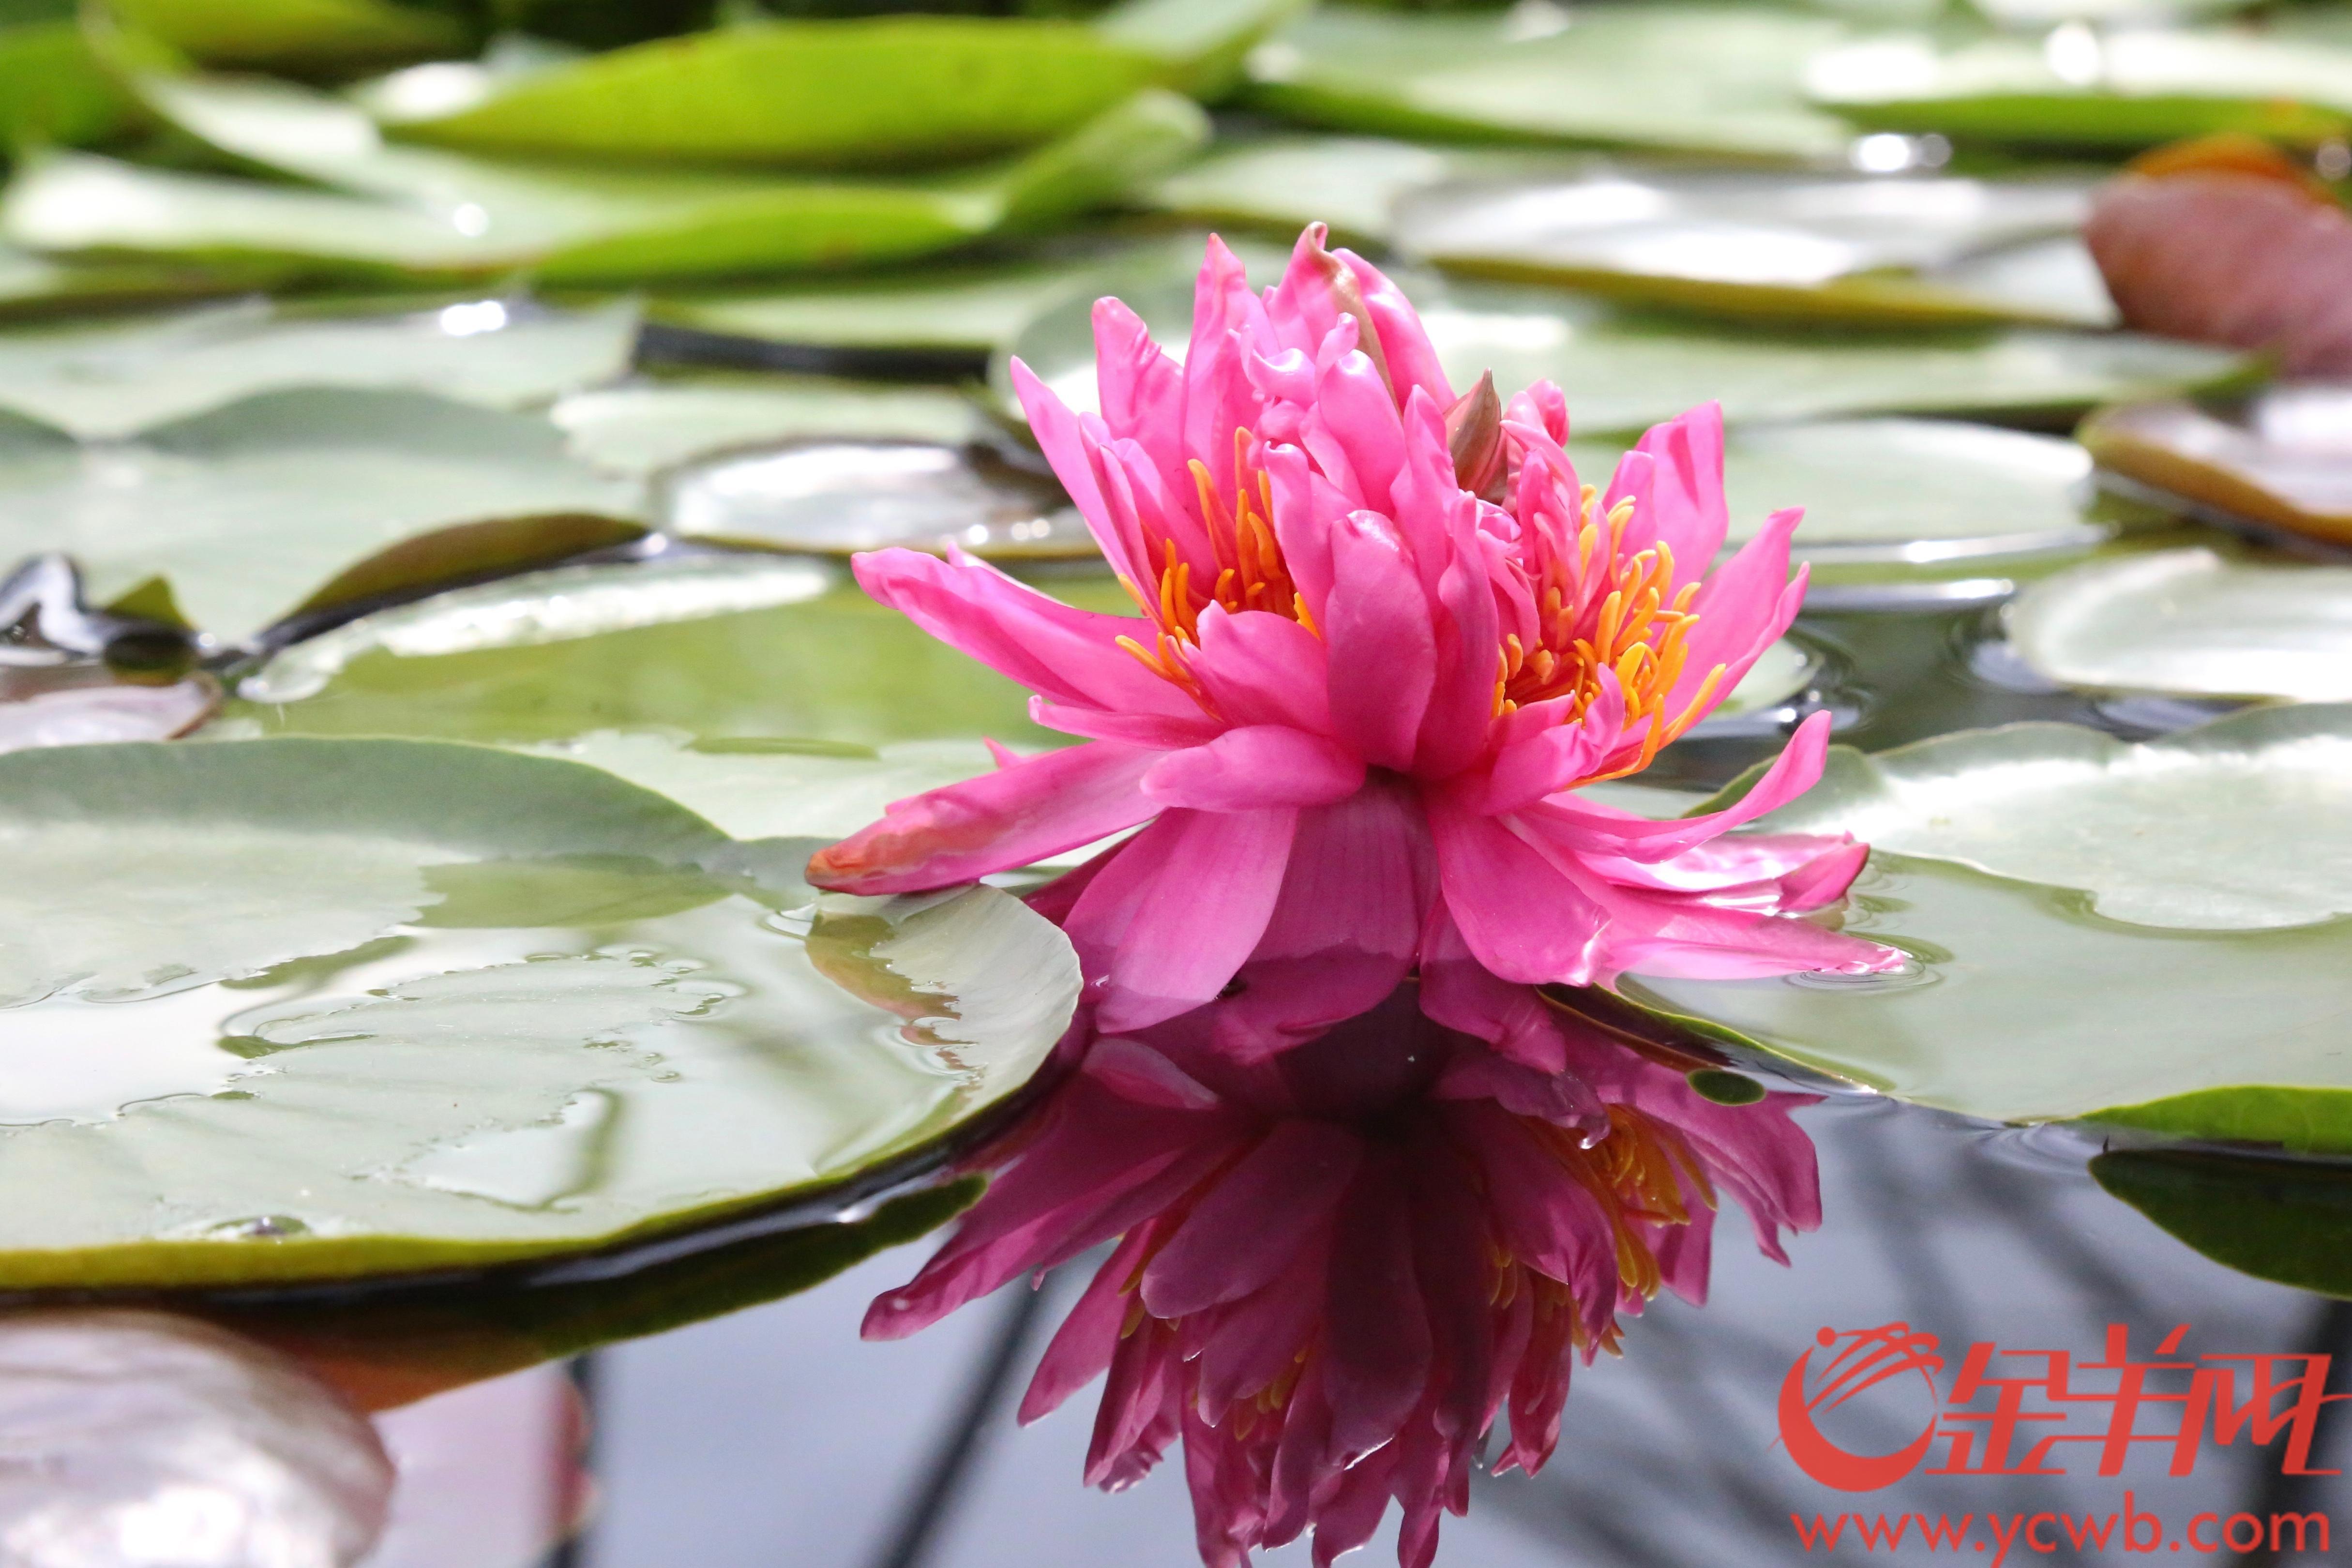 """2020年7月9日上午,广州番禺莲花山旅游区莲花仙境内发现一株盛开的七蒂睡莲奇观。该七蒂睡莲在一条花茎上,共有七个完整的花冠,其中六个花冠360度围成一圈,簇拥着中间的一个花冠,游客从各个角度观赏都可以看到其令人惊艳的美姿。据工作人员介绍,该株七蒂睡莲奇观的母本为""""小宝贝"""",色彩鲜艳,花型娇丽,并具有香味,是一个极为优良的小型睡莲品种。 这株七蒂睡莲是景区继2016年以及2019年分别发现十分罕见的五蒂奇观后,首次发现的七蒂奇观。目前,第34届全国荷花展还在广州番禺莲花山举办,共展出来自世界各地的荷花品种1200余个、睡莲品种500余个,花朵正值盛花期。羊城晚报全媒体记者 梁喻 通讯员 番宣 摄"""